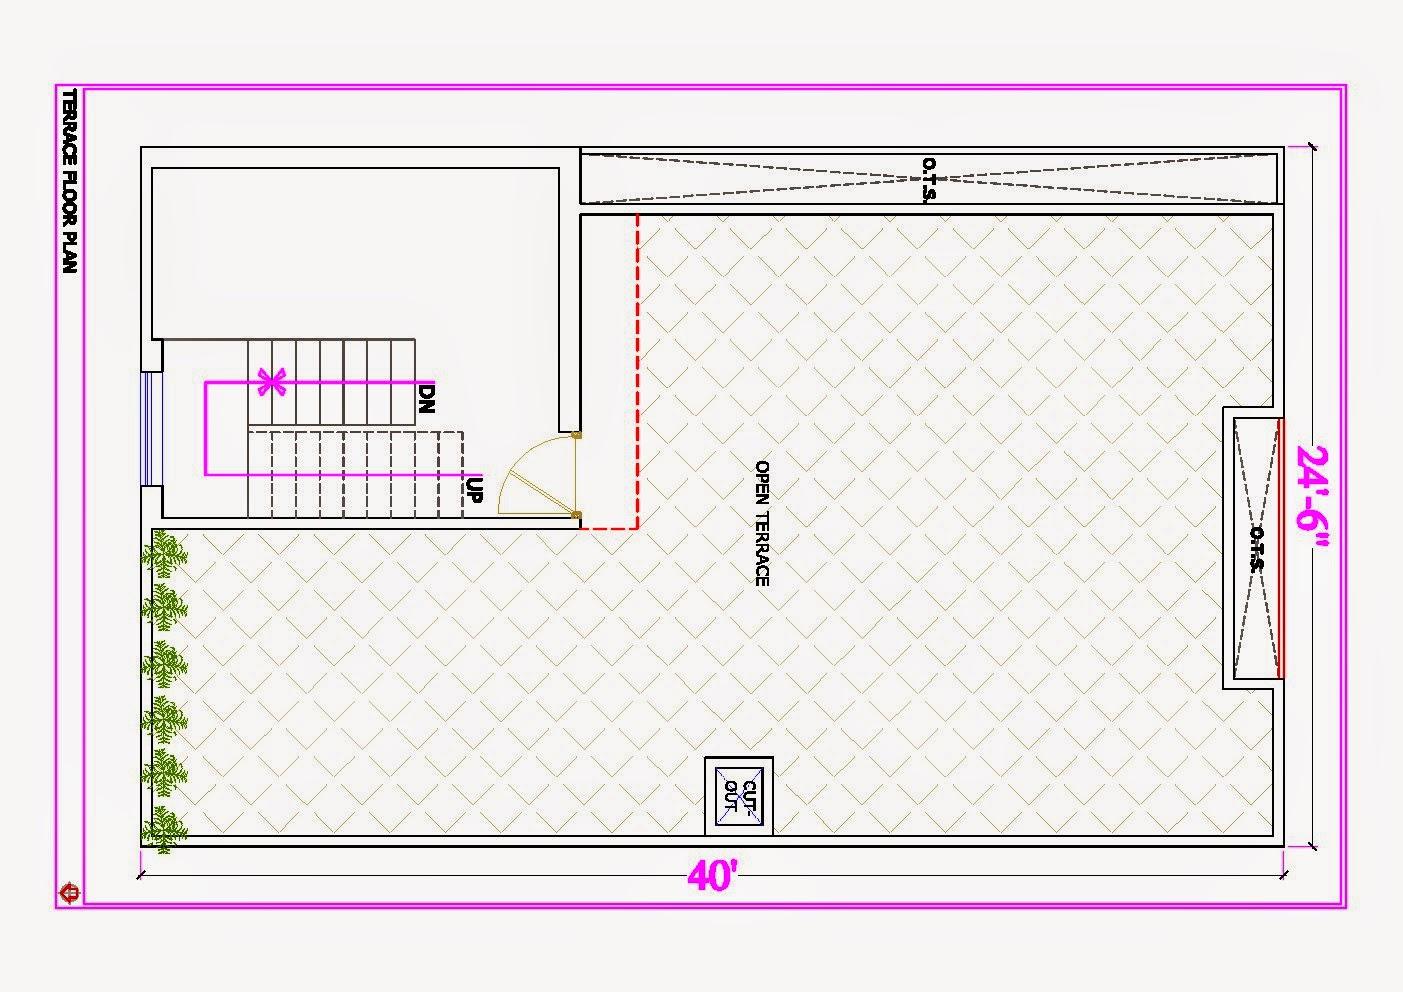 Httpwww gharplanner comfloor plan modification php · httpwww gharplanner comdesign gallery php · httpwww gharplanner comother house plan php